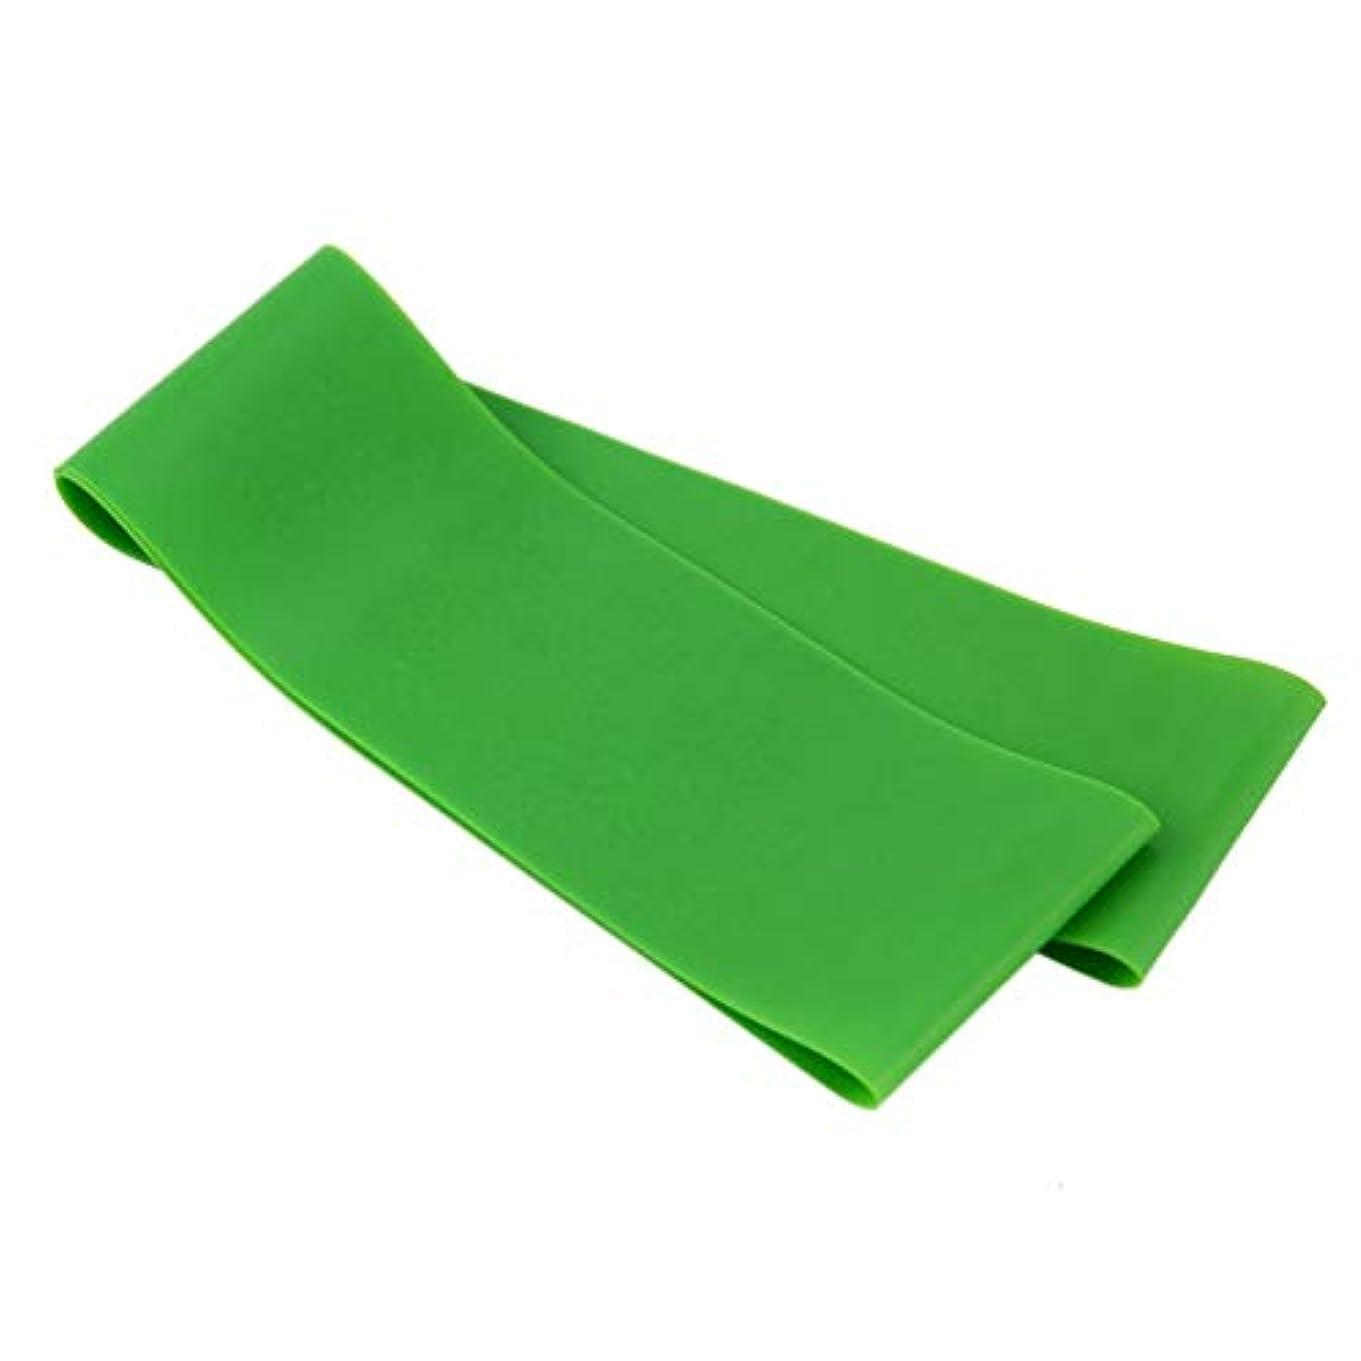 揺れるエミュレートするマーケティング滑り止め伸縮性ゴム弾性ヨガベルトバンドプルロープ張力抵抗バンドループ強度のためのフィットネスヨガツール - グリーン